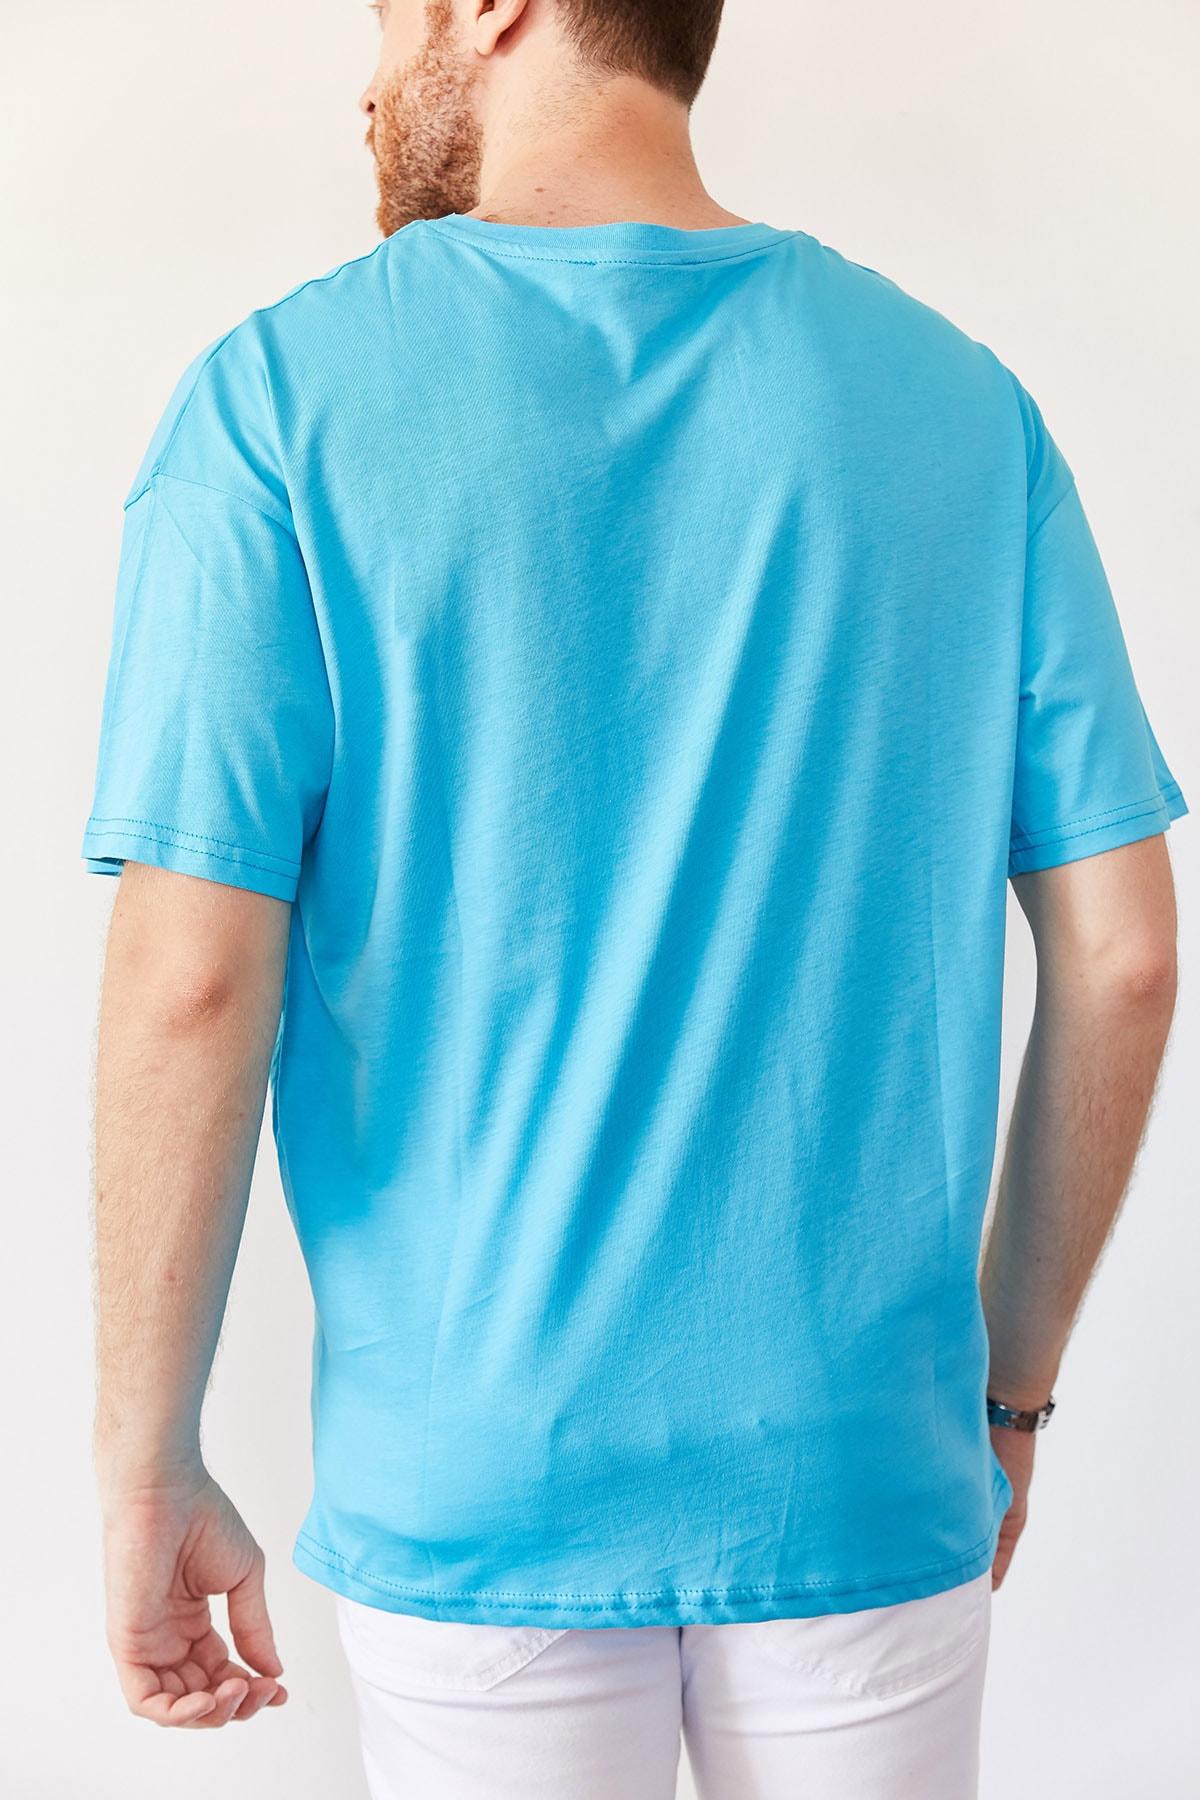 XHAN Erkek Turkuaz Baskılı Salaş T-shirt 0yxe1-44016-13 2